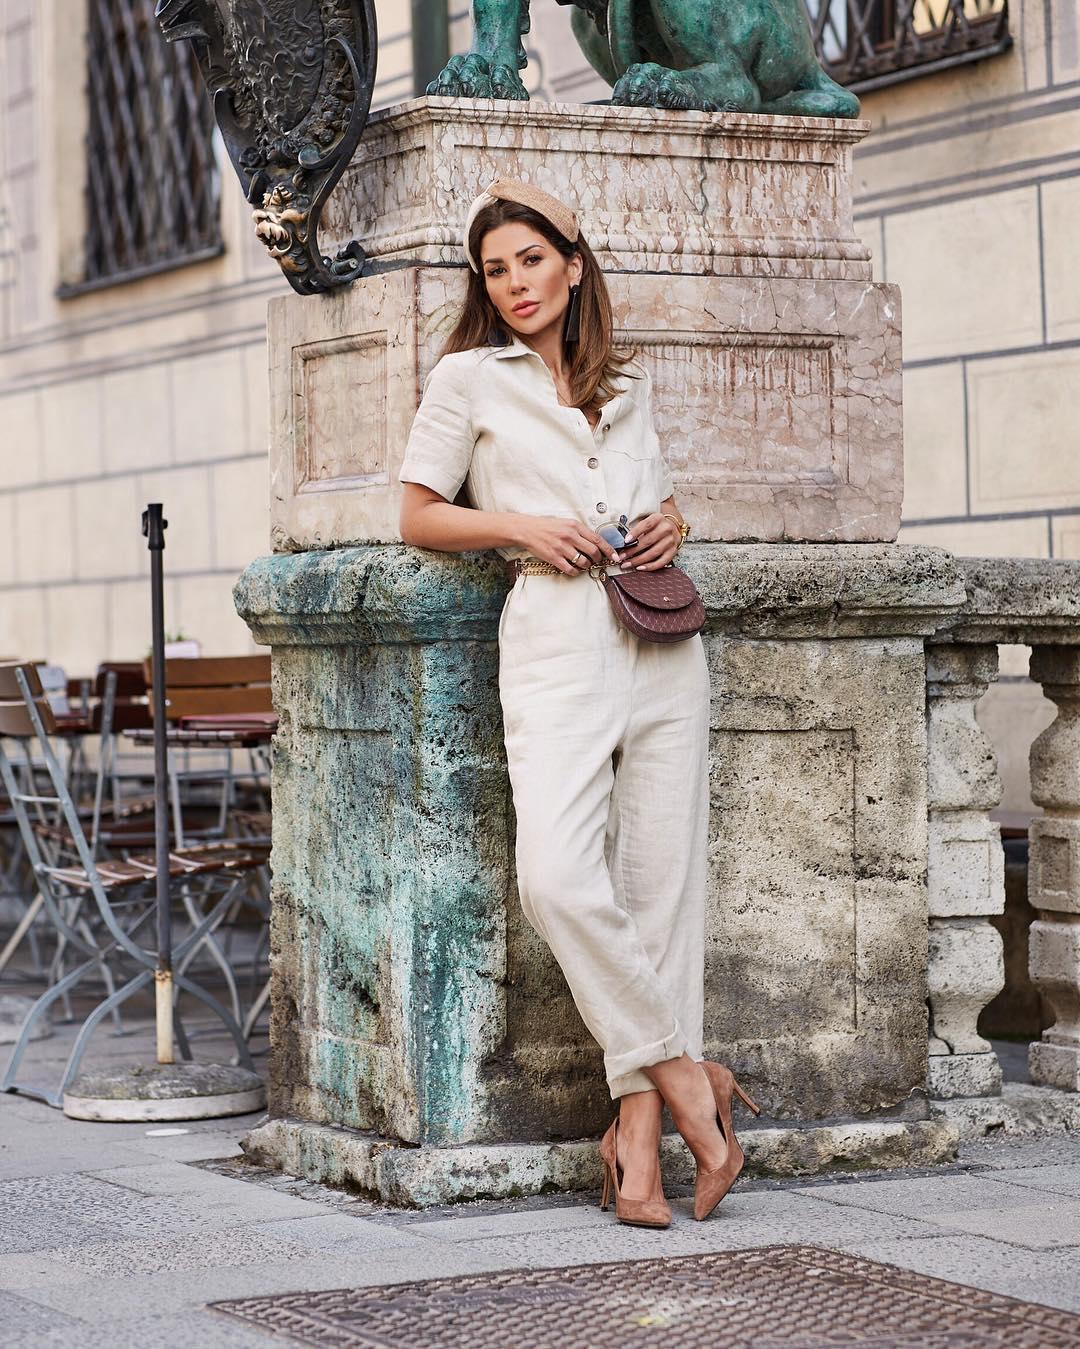 Модные летние луки для женщины 40 лет фото 6